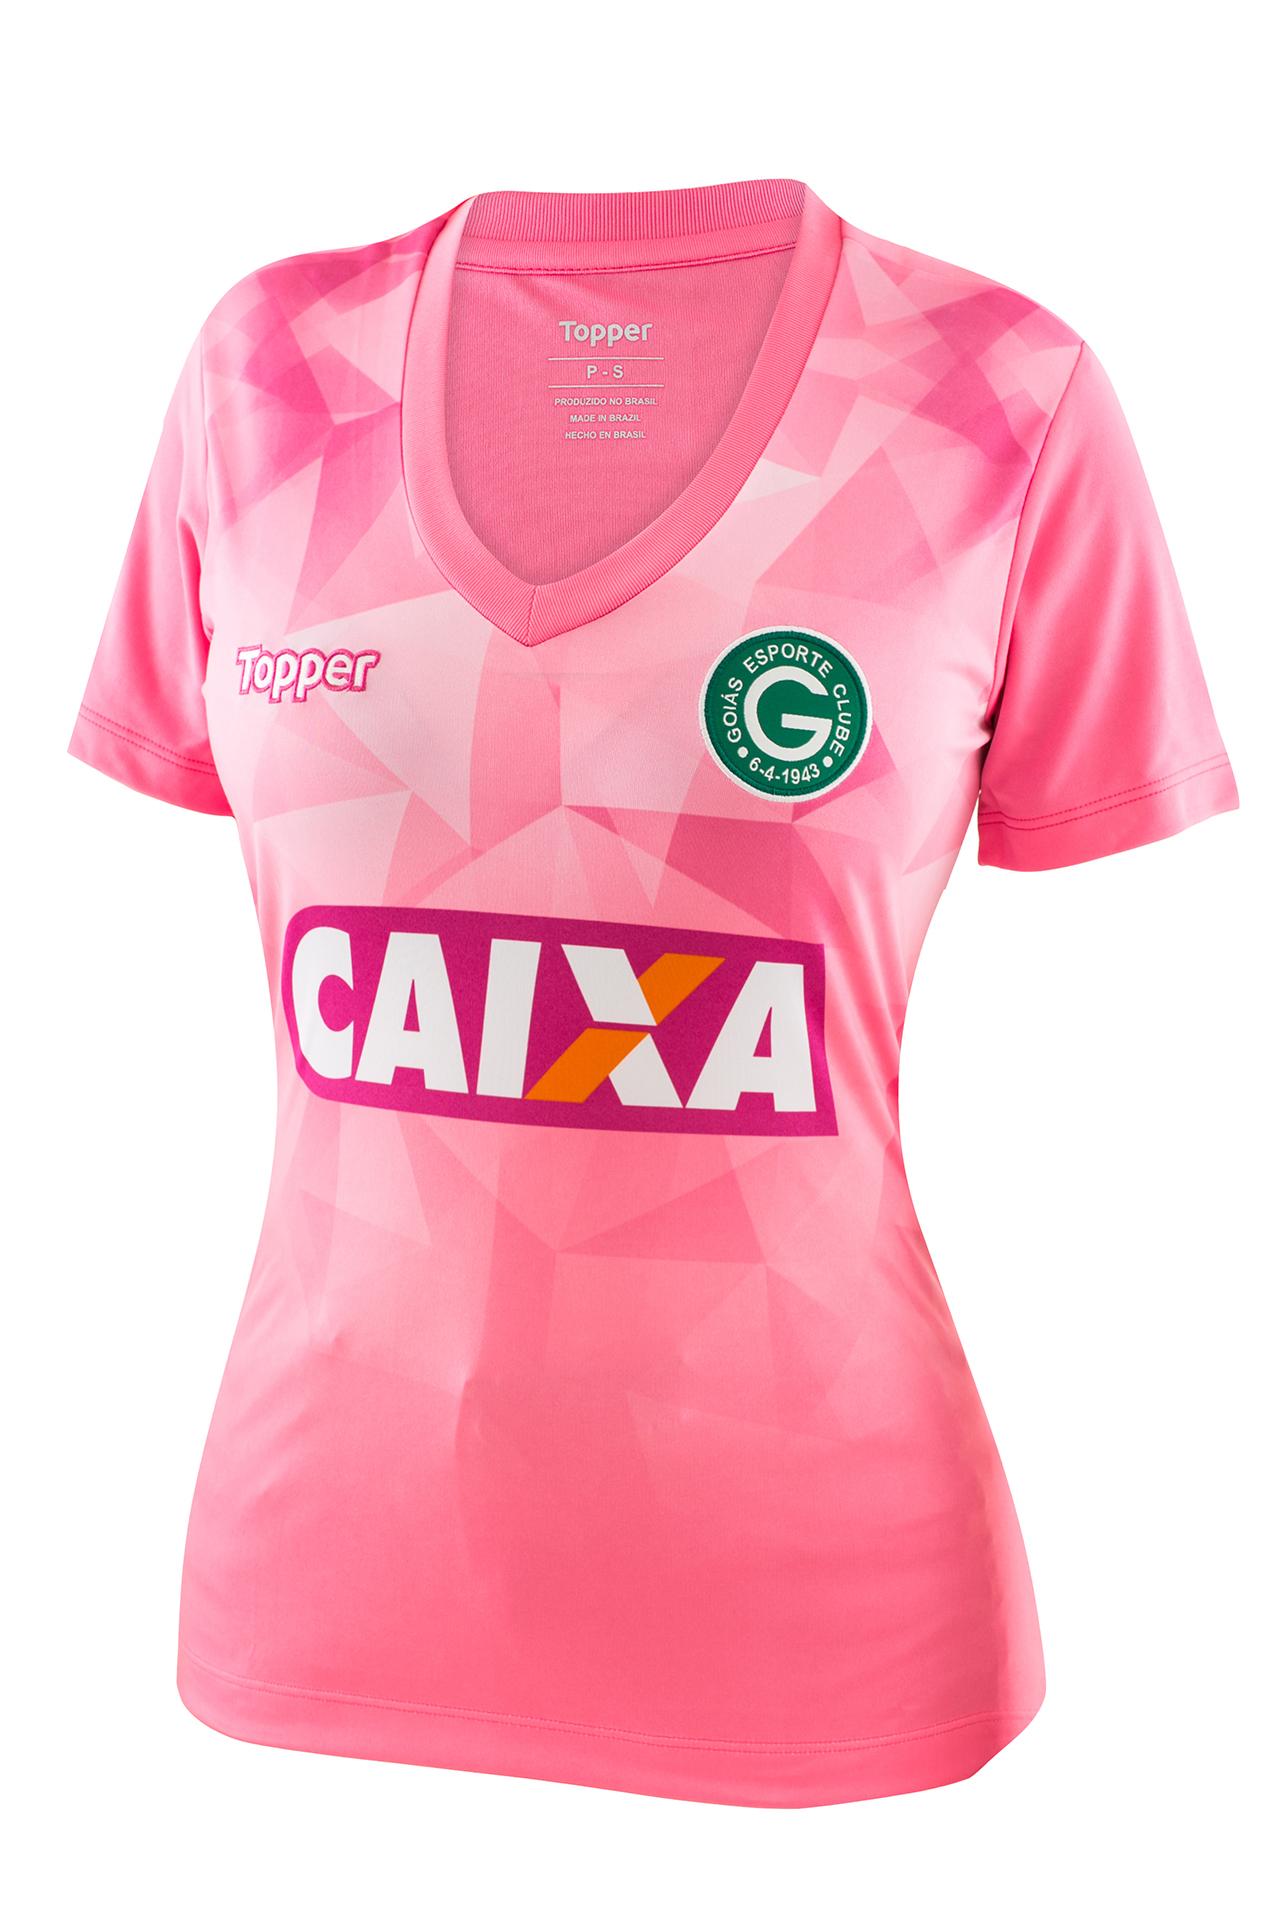 52520f1ac0 Fornecedora lança camisas alusivas ao Outubro Rosa para 11 clubes ...